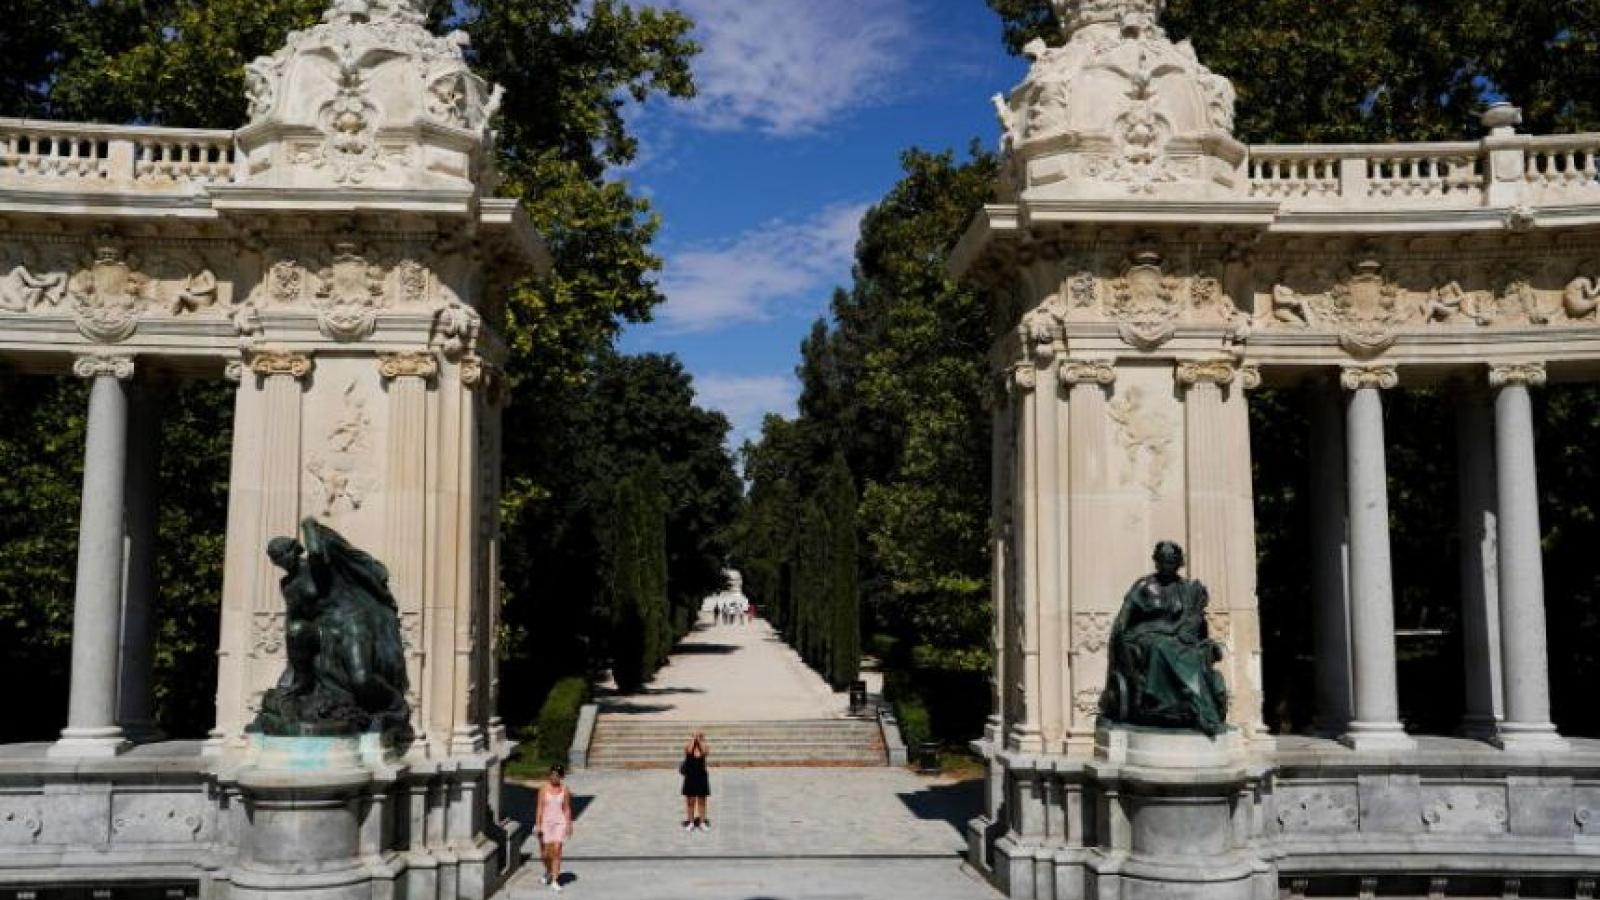 UNESCOthêm 2 địa danh của Tây Ban Nha vào danh sách di sản thế giới